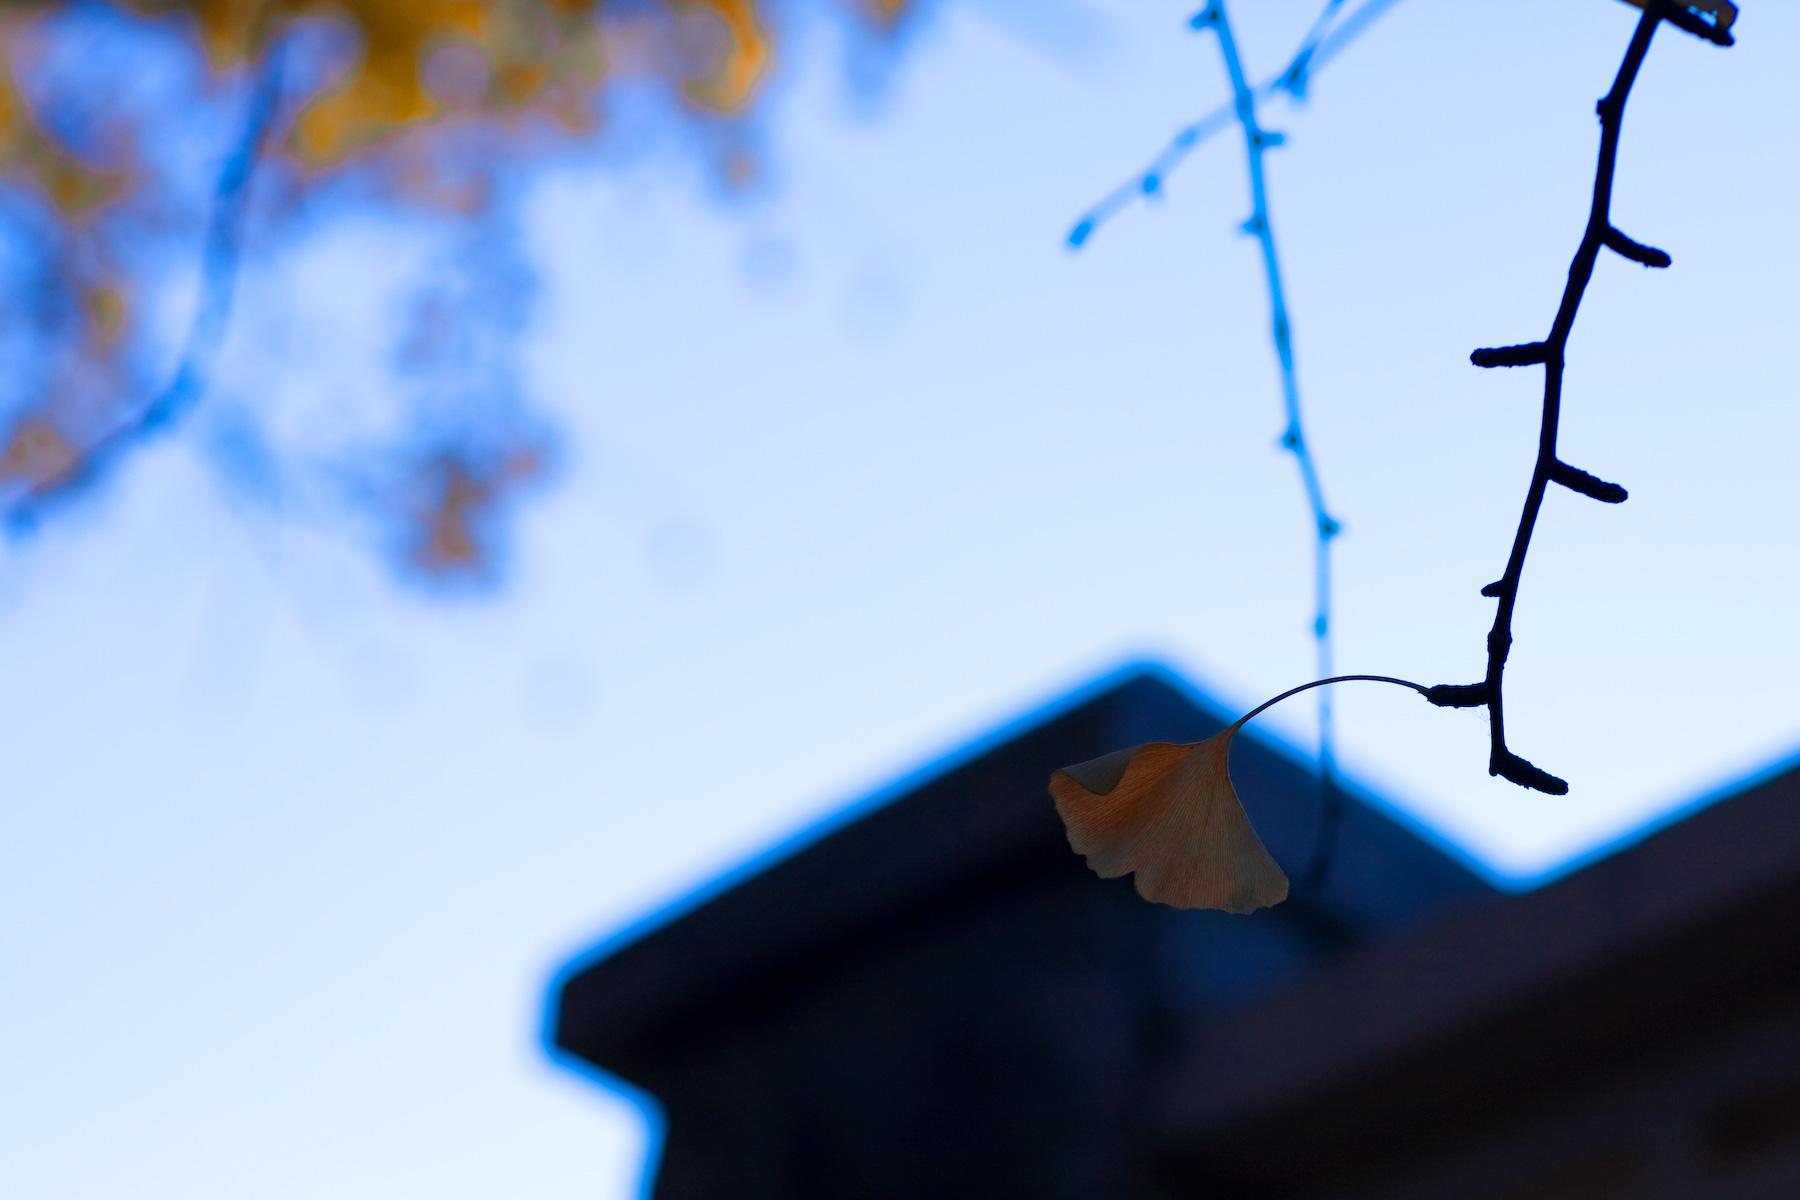 郭九麟作品:一片树叶